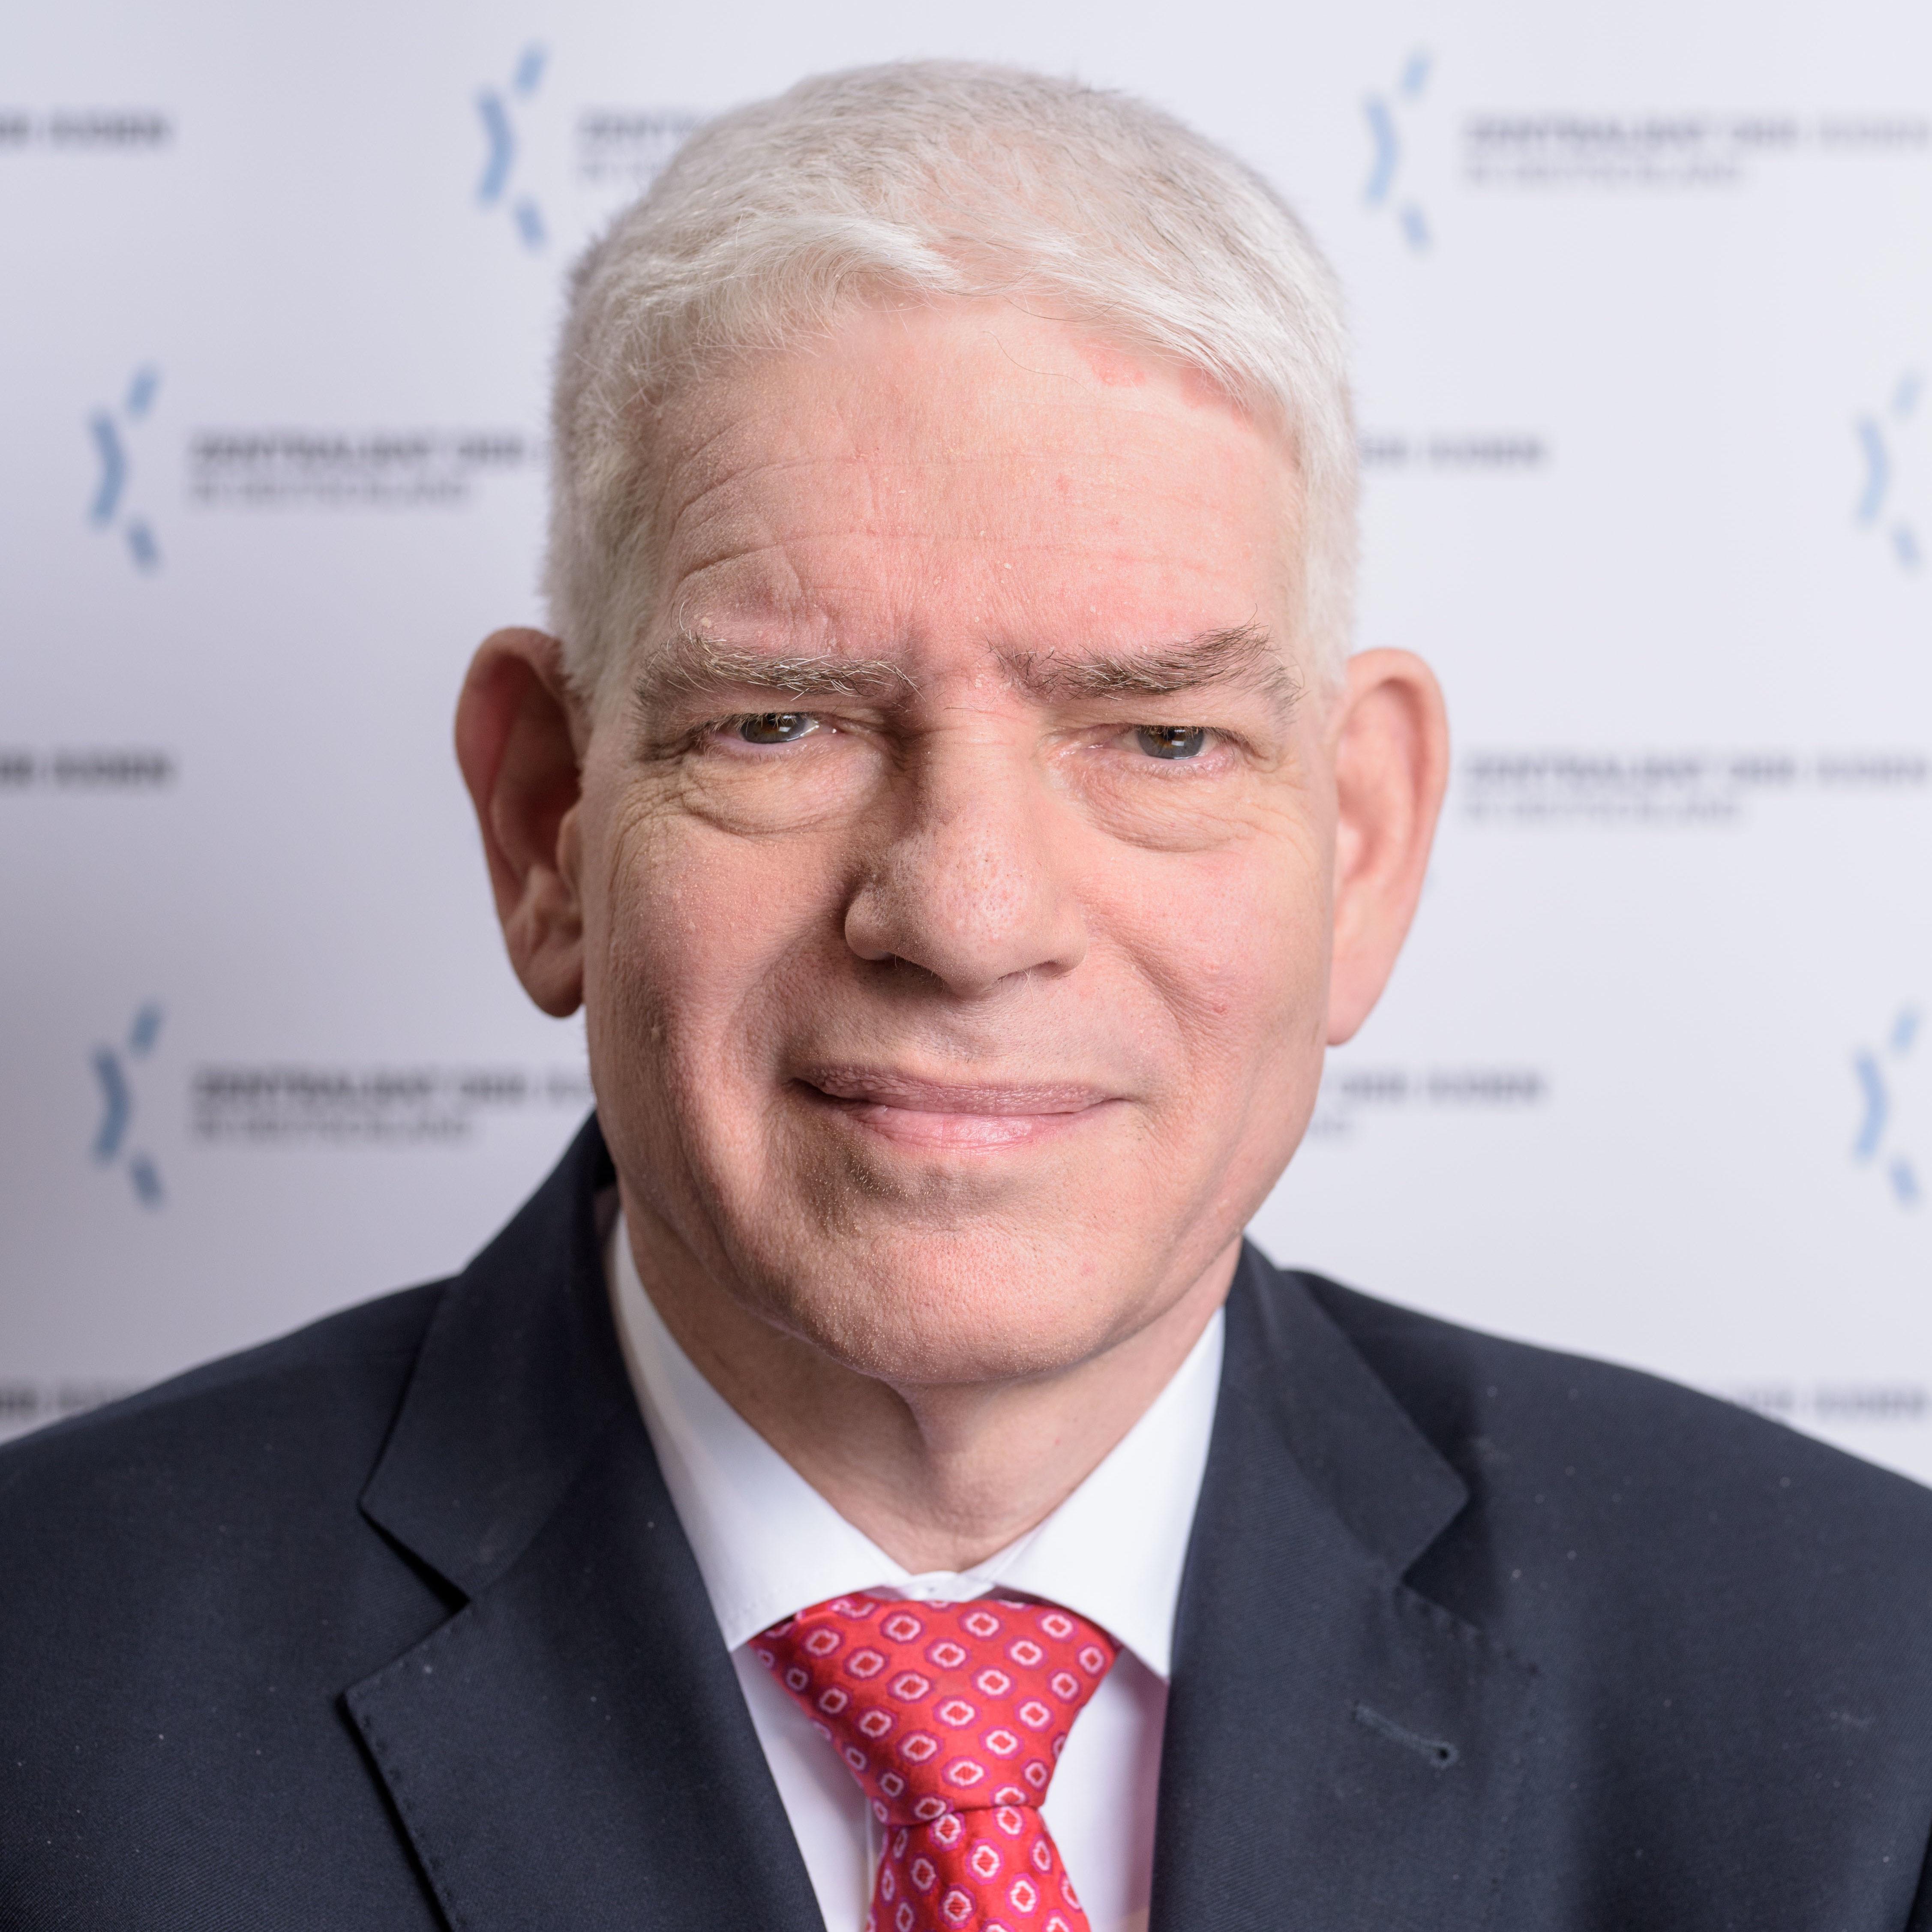 Eröffnung des Gemeindetags durch Dr. Josef Schuster, Präsident des Zentralrats der Juden